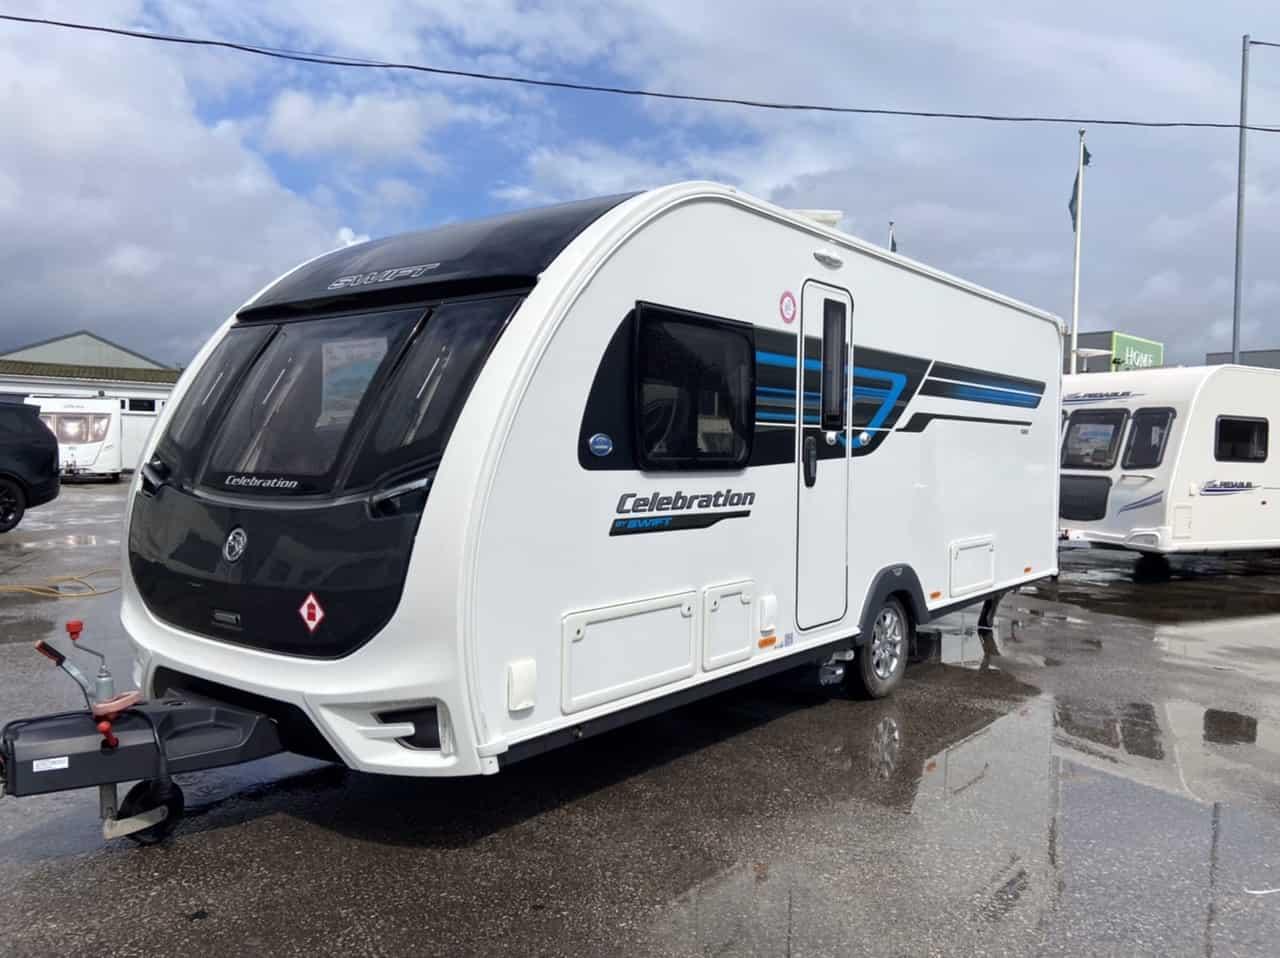 Swift celebration 580 2017 touring caravans for sale at North Western Caravans